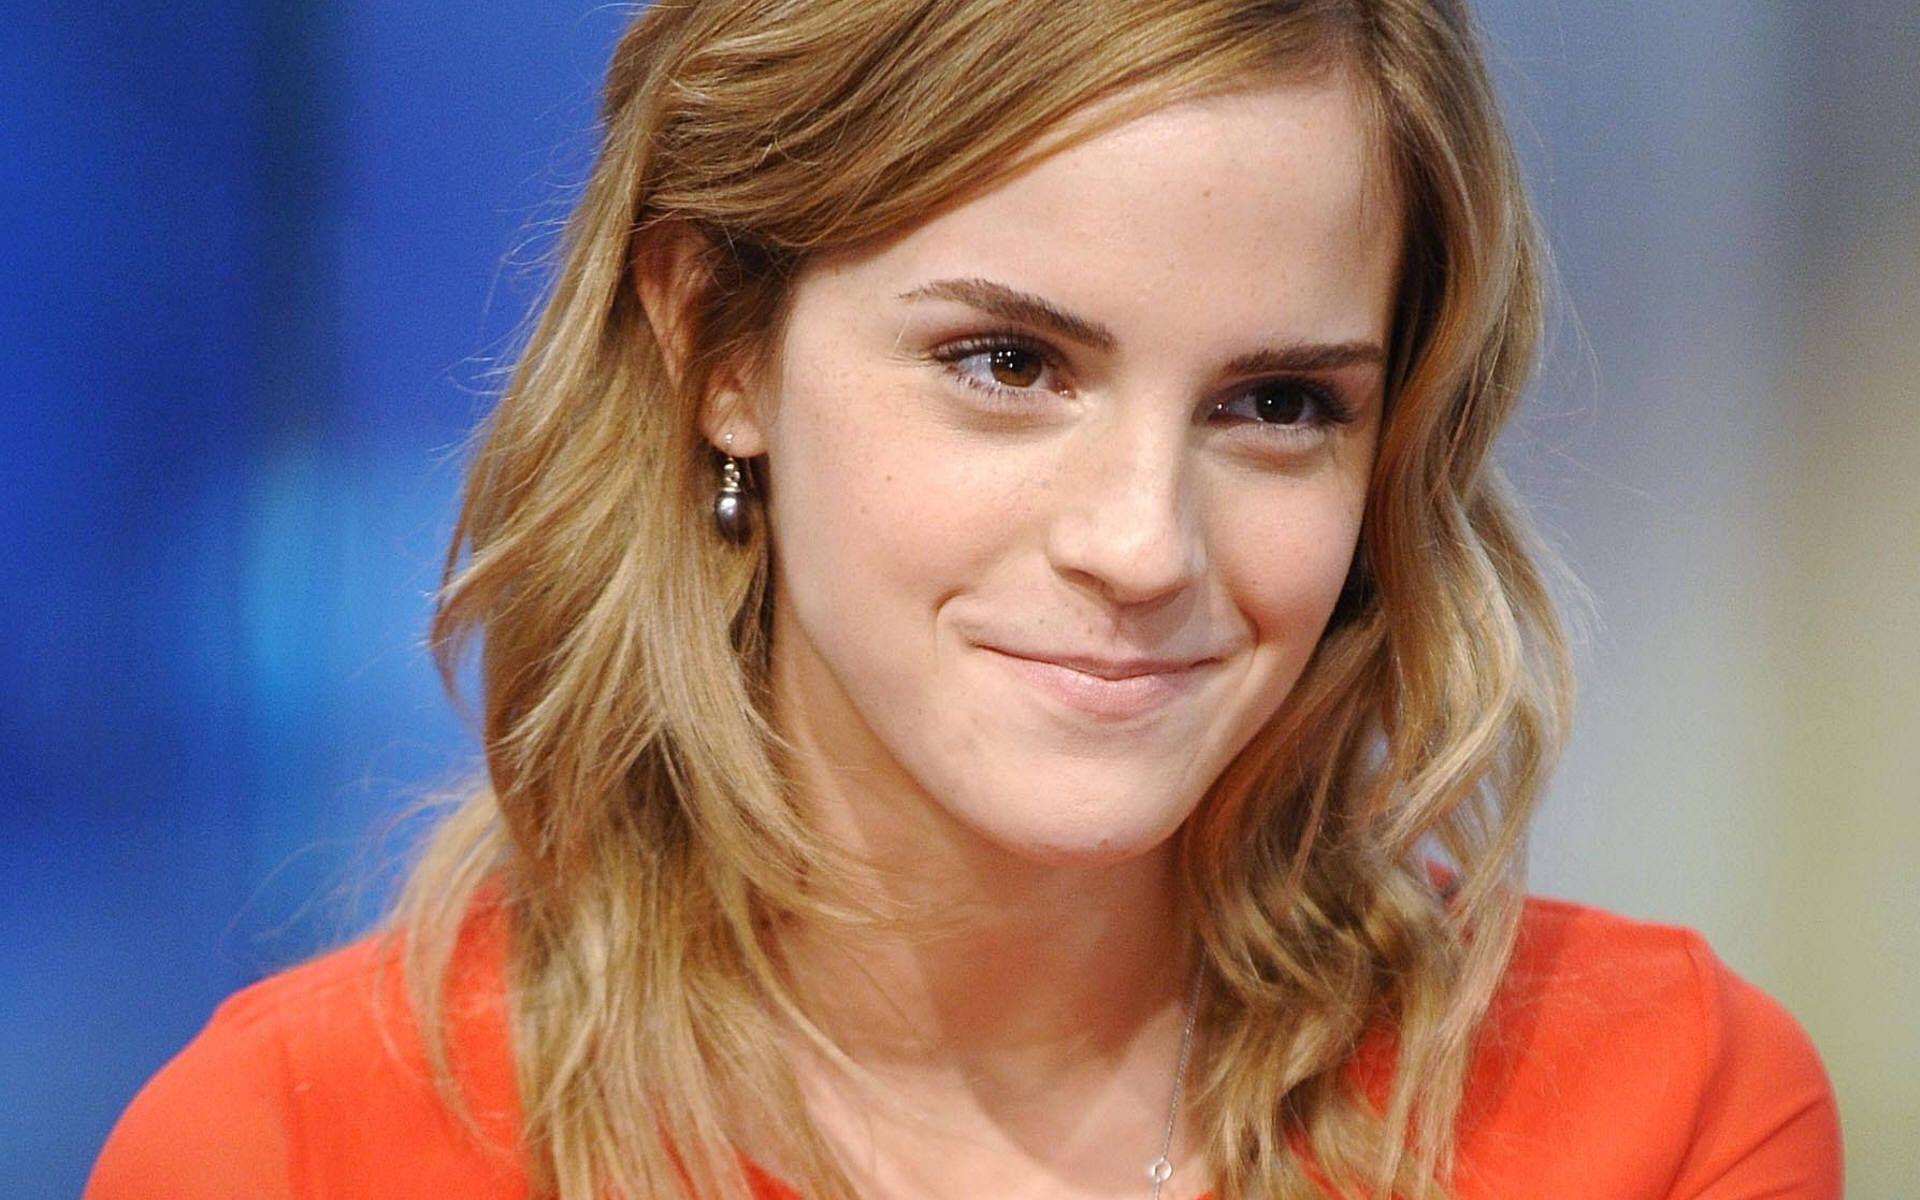 Emma Watson HD wallpaper #16 - Apnatimepass.com